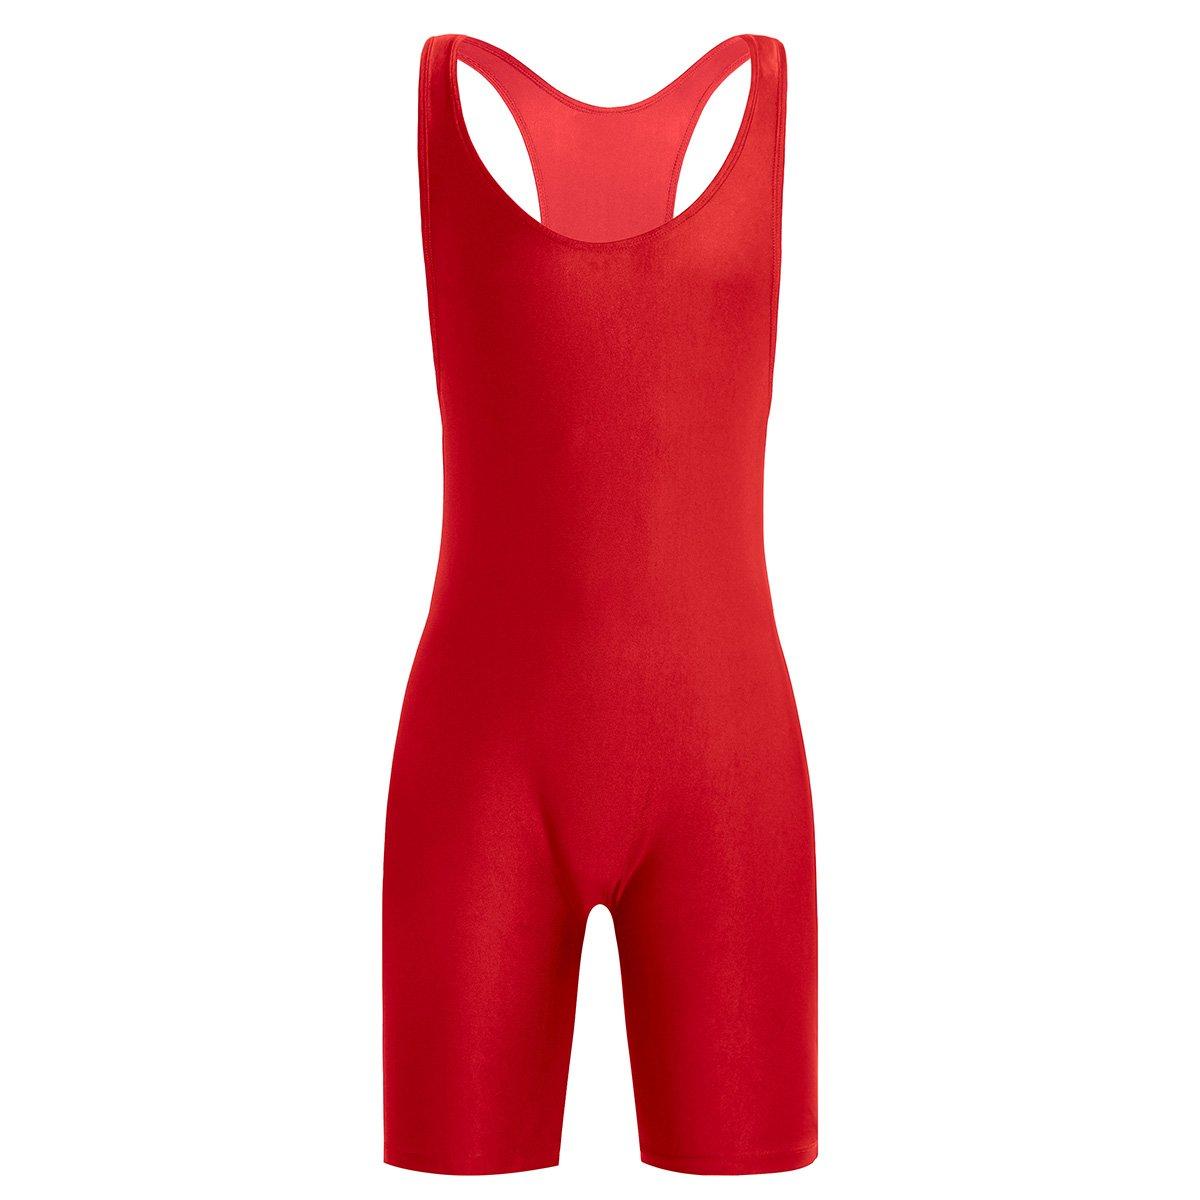 CHICTRY Body da Uomo Tuta Intera Sportiva Singlet Wrestling Bodysuit Canotta Bodybuiding per Ciclismo Leggings Jumpsuit Underwear Sportwear Allenamento Muscolare Senza Manica